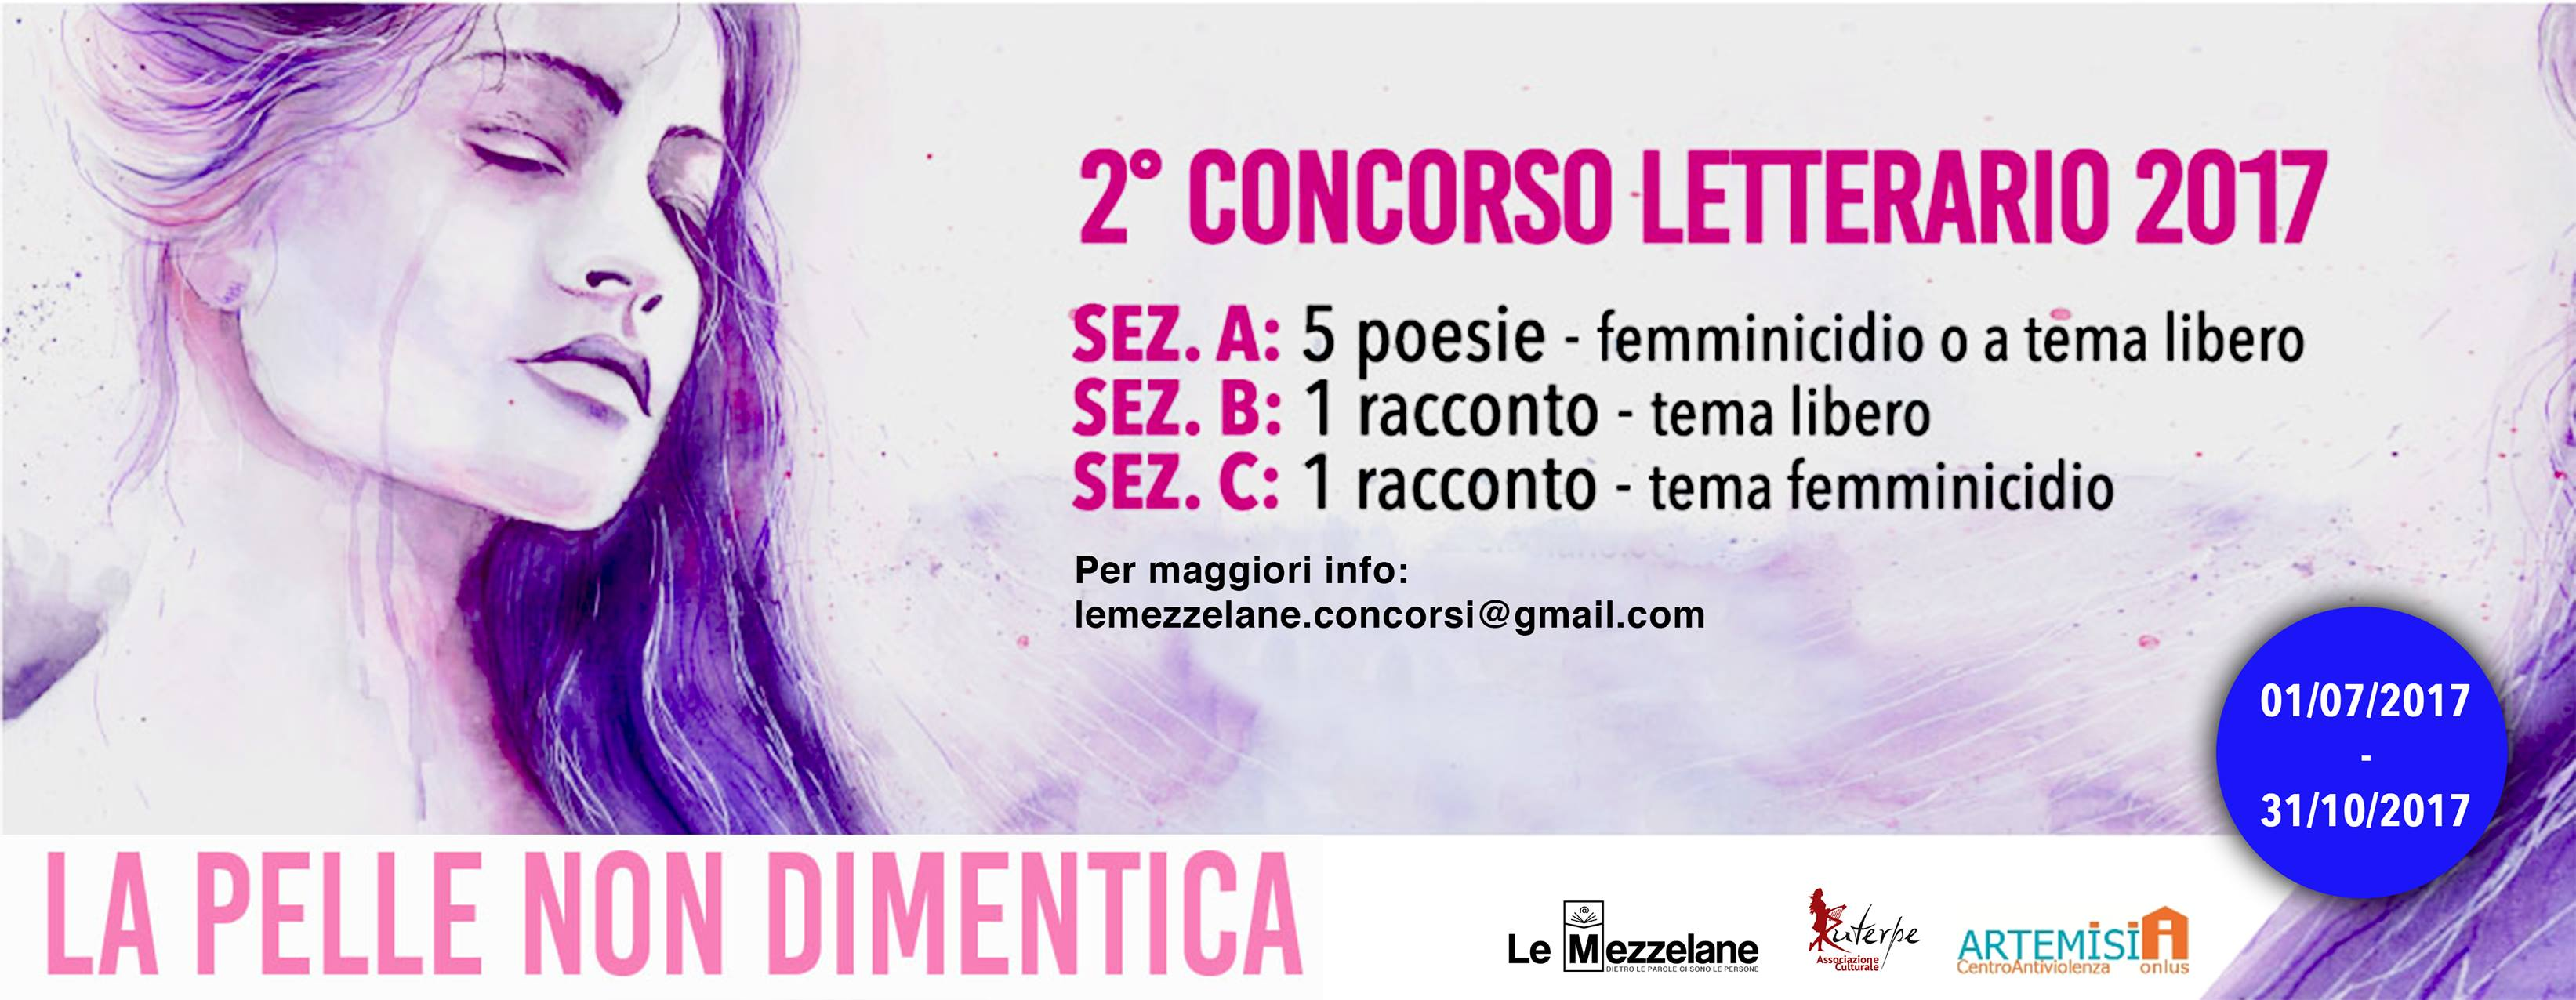 La violenza sulle donne nasce dai modelli patriarcali ed è una sconfitta per tutti  di Loriana Lucciarini